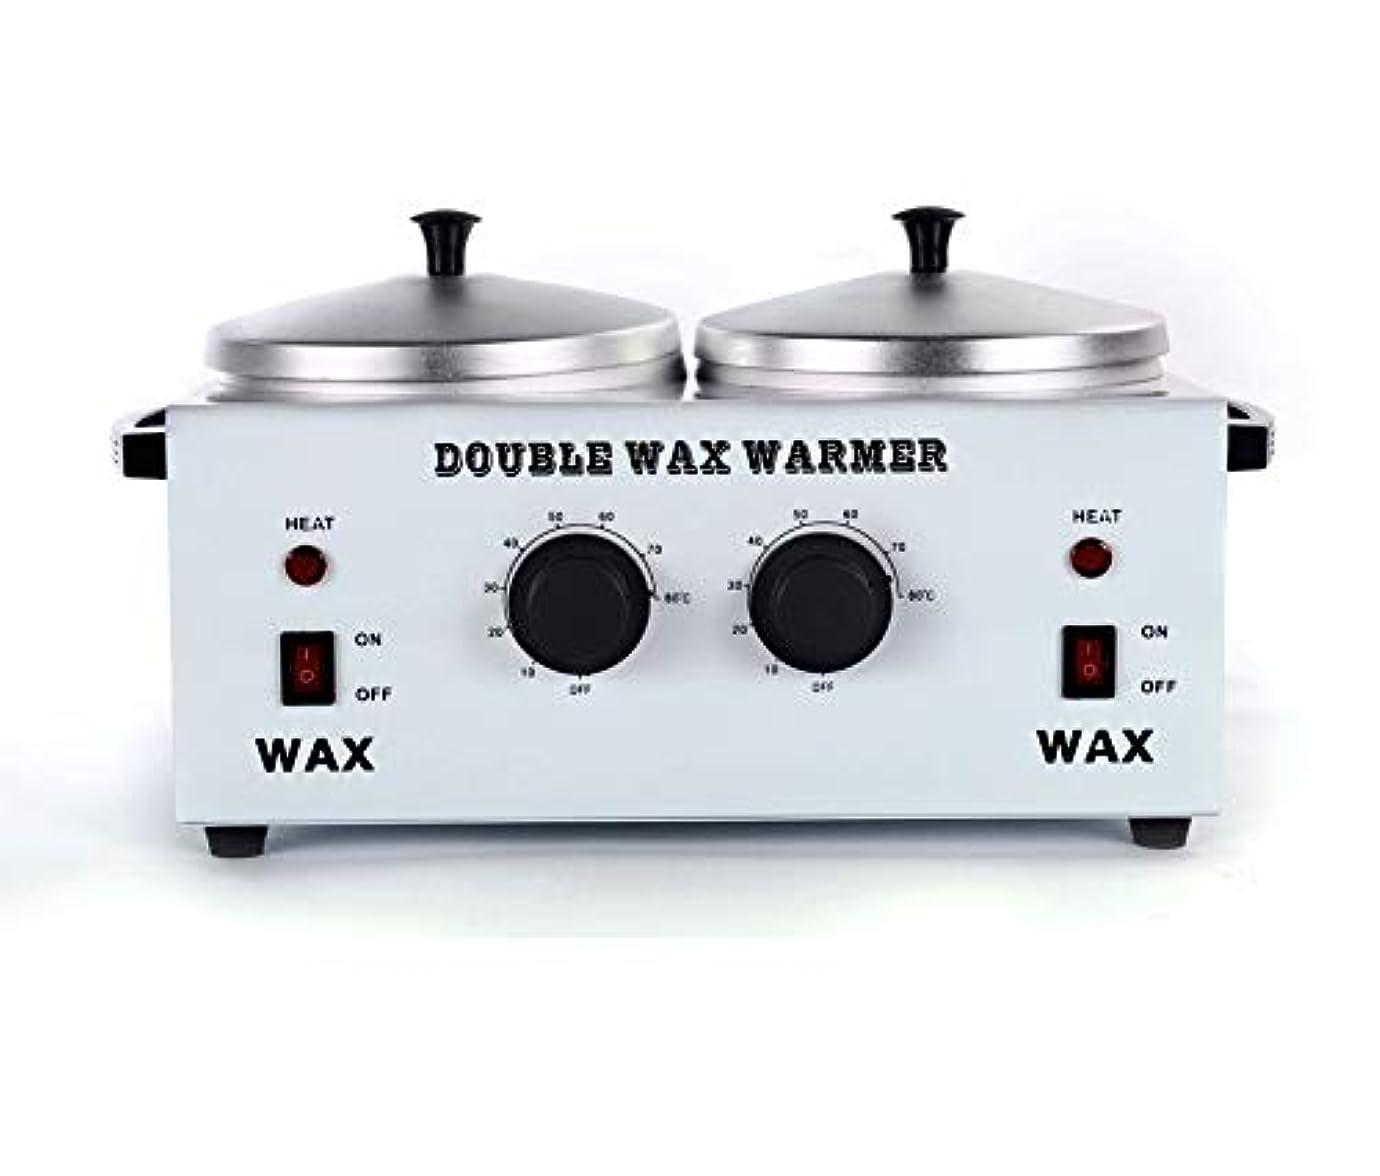 扱う大使館一過性ワックスヒータープロフェッショナルダブルポット脱毛ワックスウォーマー、すべてのWAXS(ソフト、ハード、パラフィン)用電動ワックスヒーター機械ファストメルトポータブル人種のるつぼ